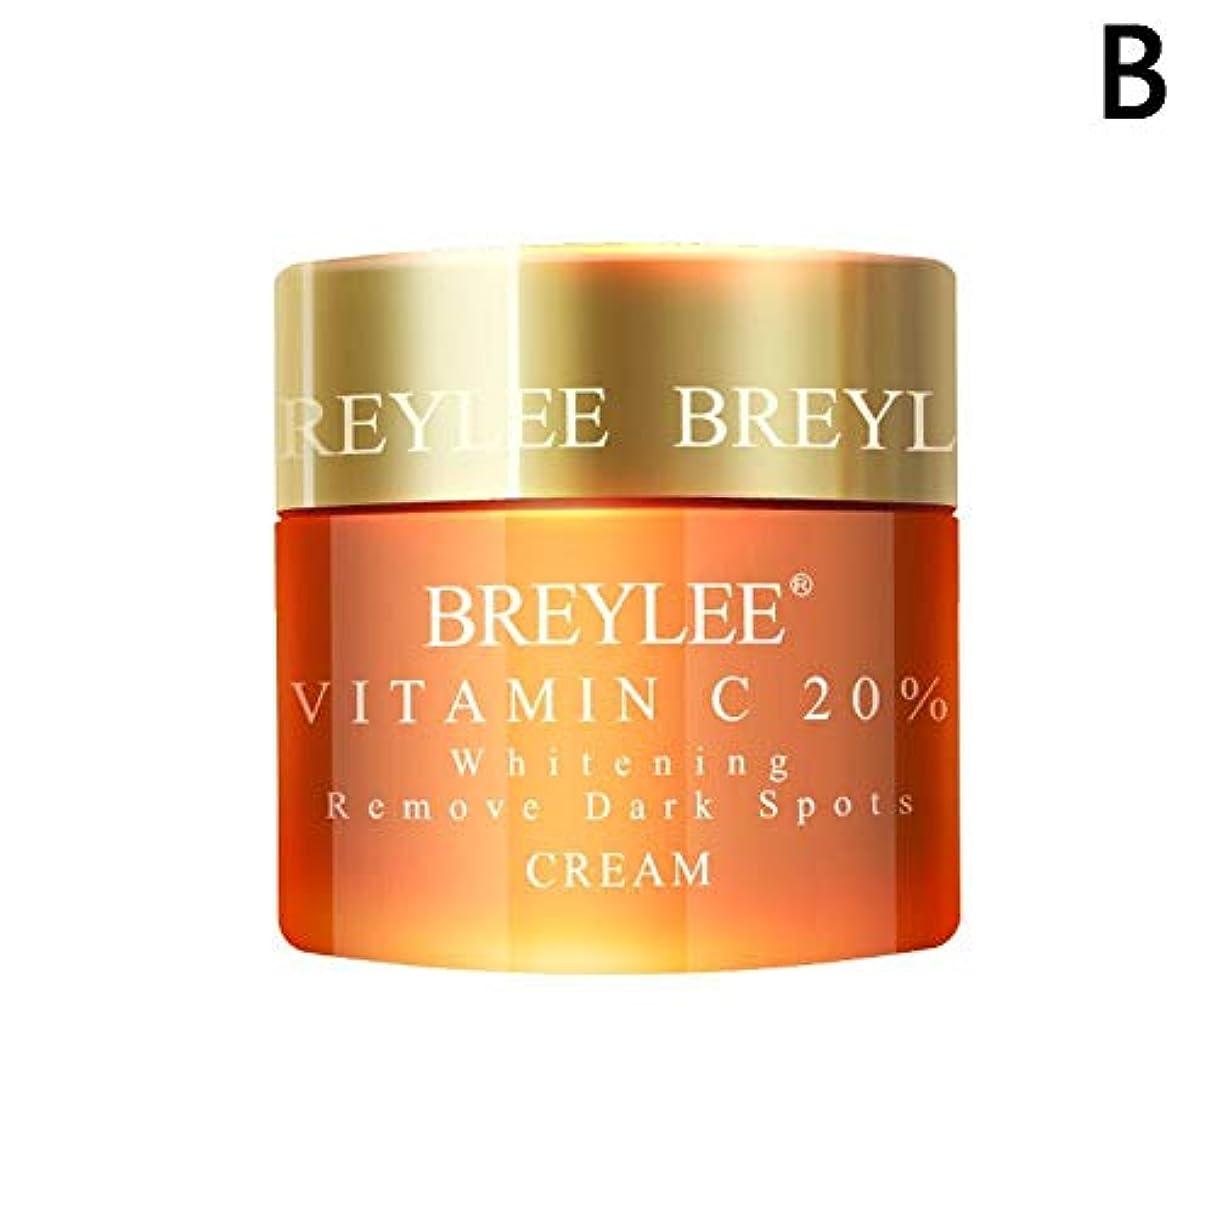 (トラベリング ライト) Traveling Light BREYLEE 40ml 潤し しっとり ヒアルロン酸 修復 乳液 クリーム ビタミン 美白 肌を引き締める シワを抑制する ((B)$オレンジ版)